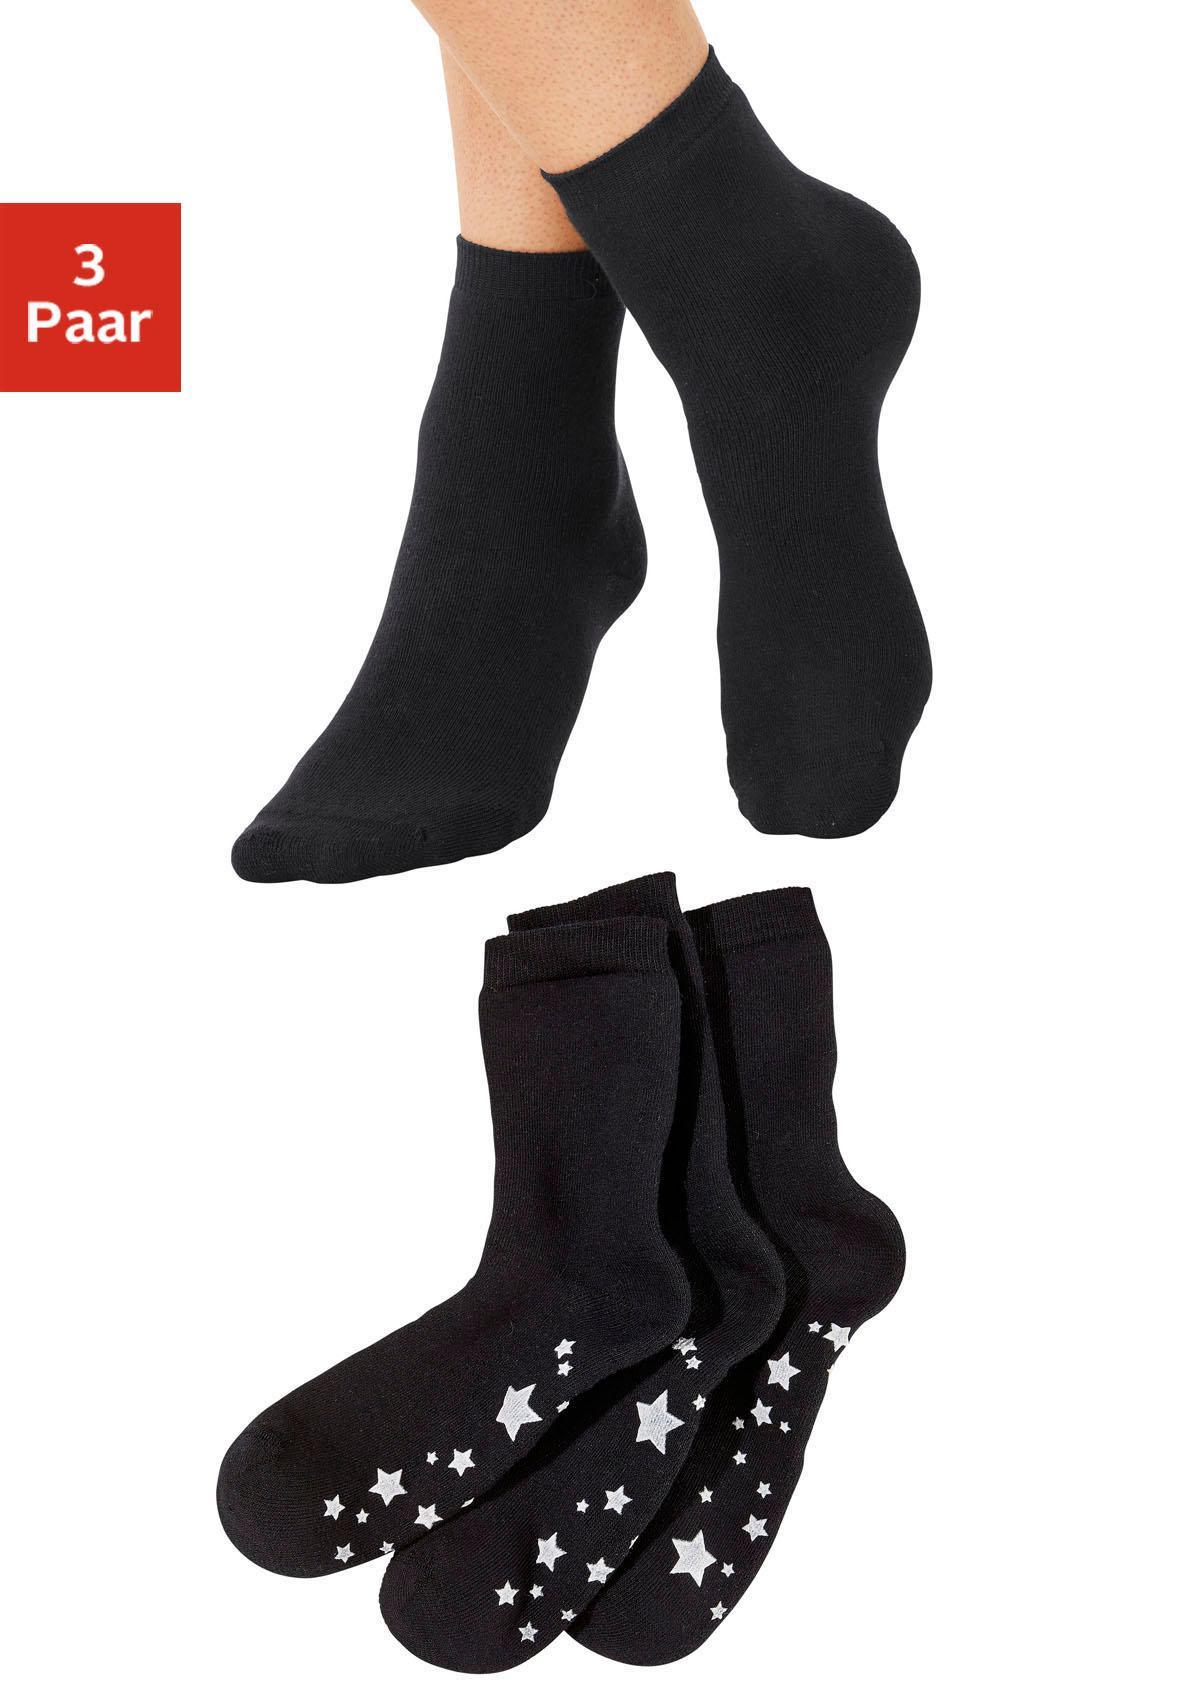 ABS-Socken (3 Paar) mit Antirutschsohle im Sterndesign